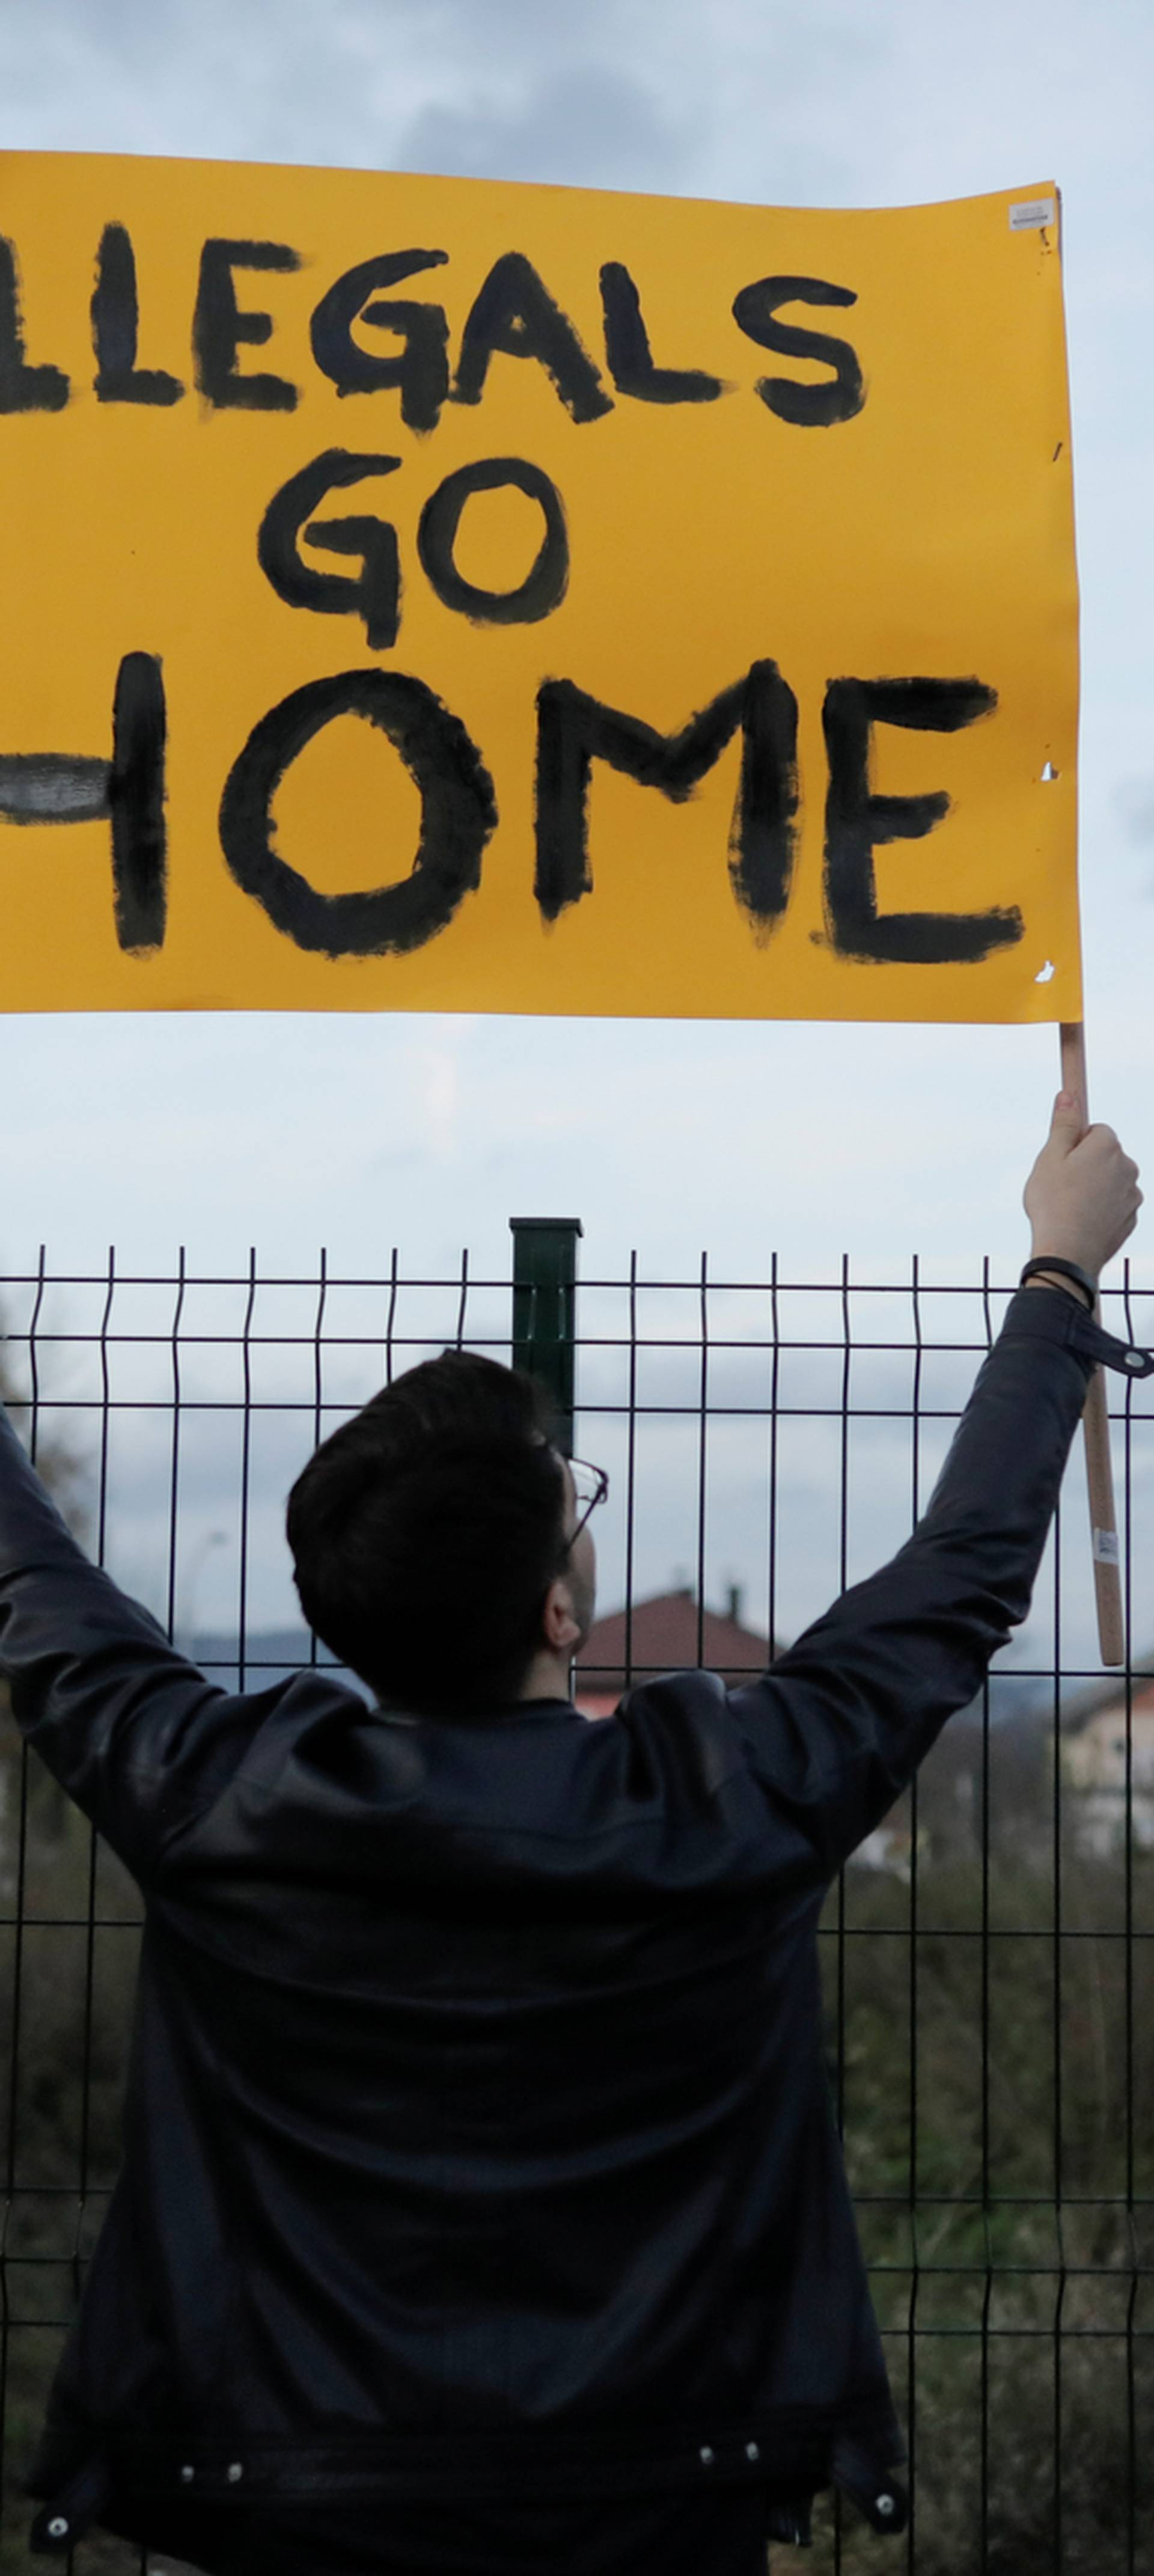 Europska komisija u Bihaću: 'Ovaj kamp mora se zatvoriti'